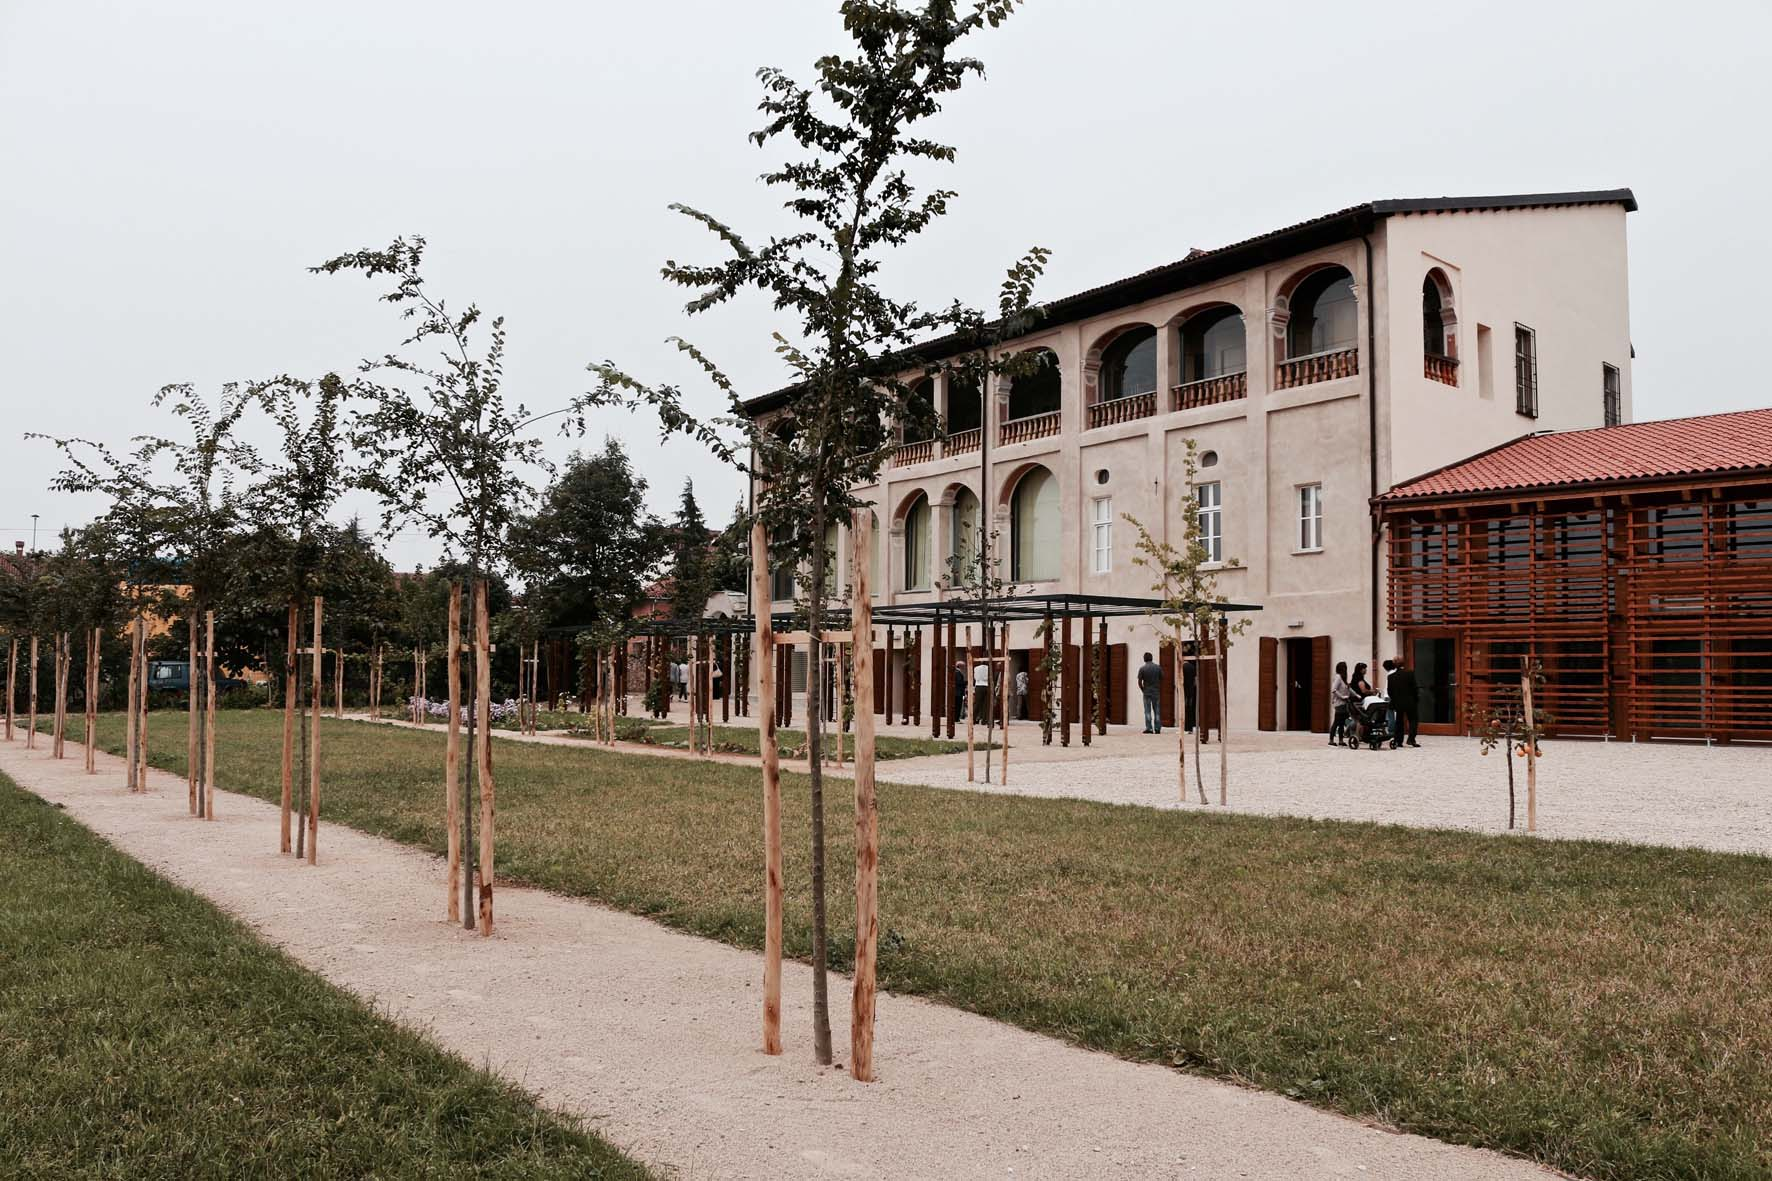 Parco degli Alteni